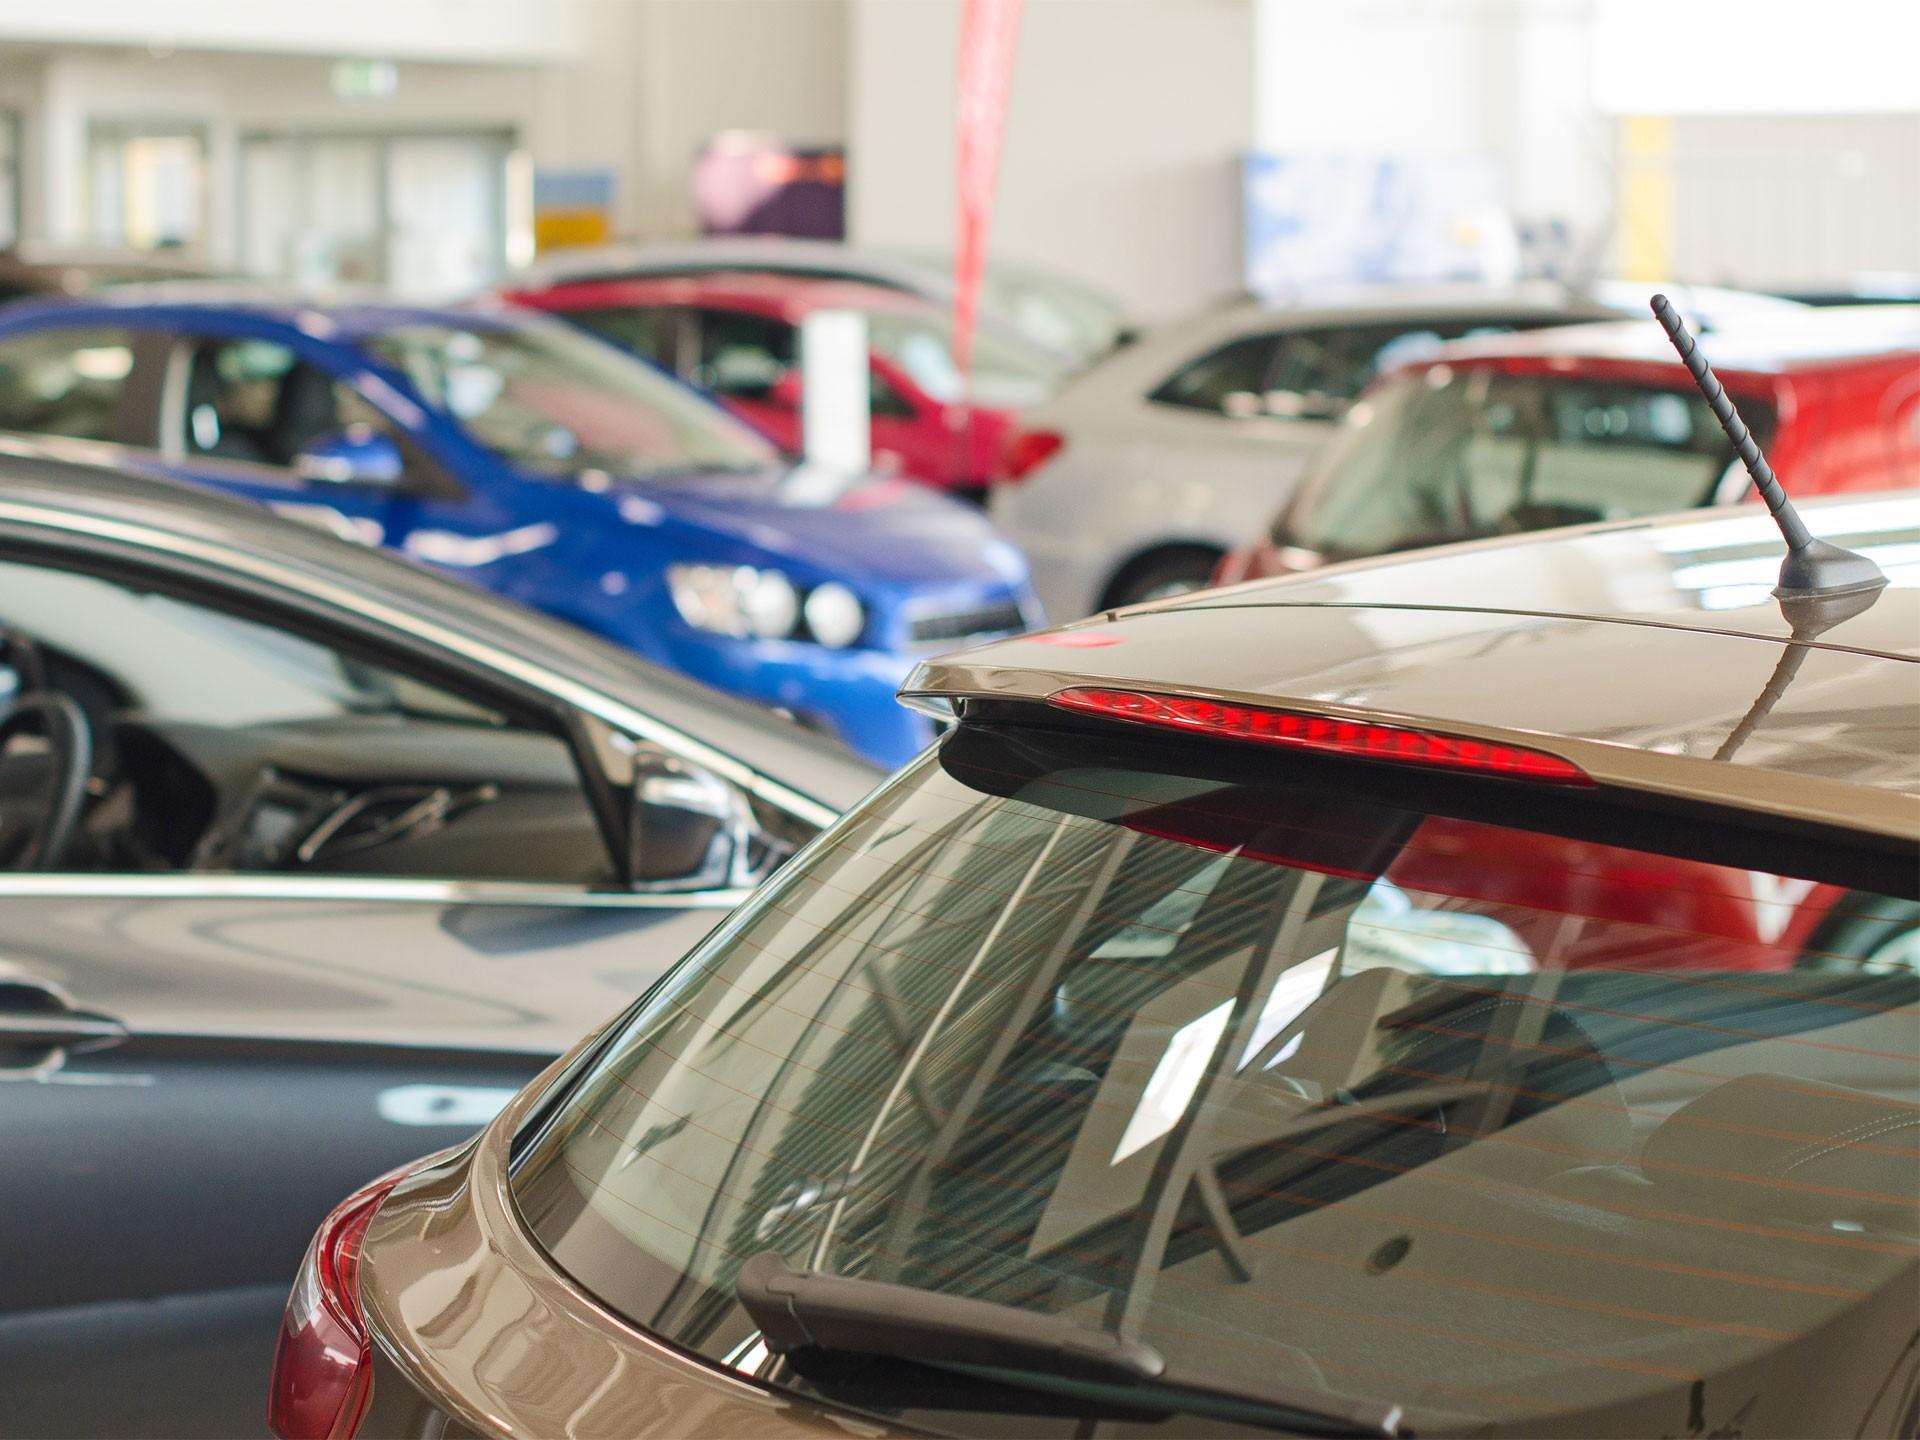 Авито Авто: на вторичном авторынке стали чаще продавать подержанные автомобили в возрасте до года